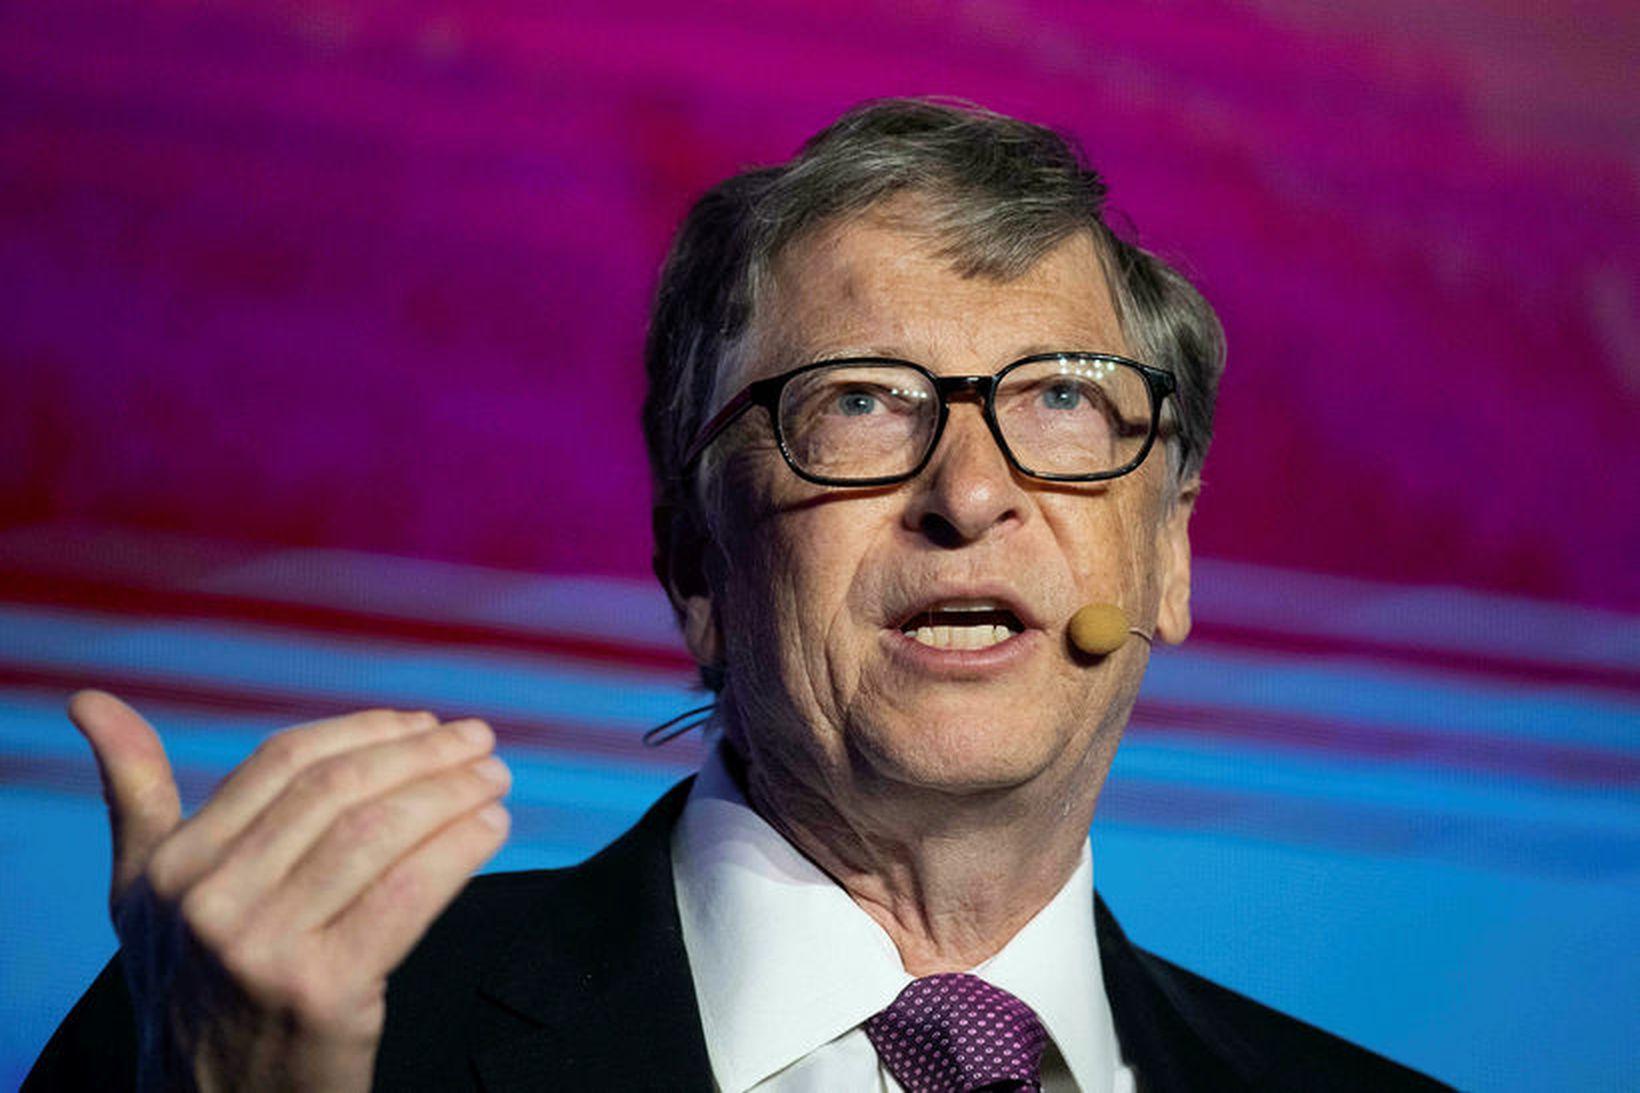 Hvort ætli Bill Gates hafi kysst peninga eða verið með …